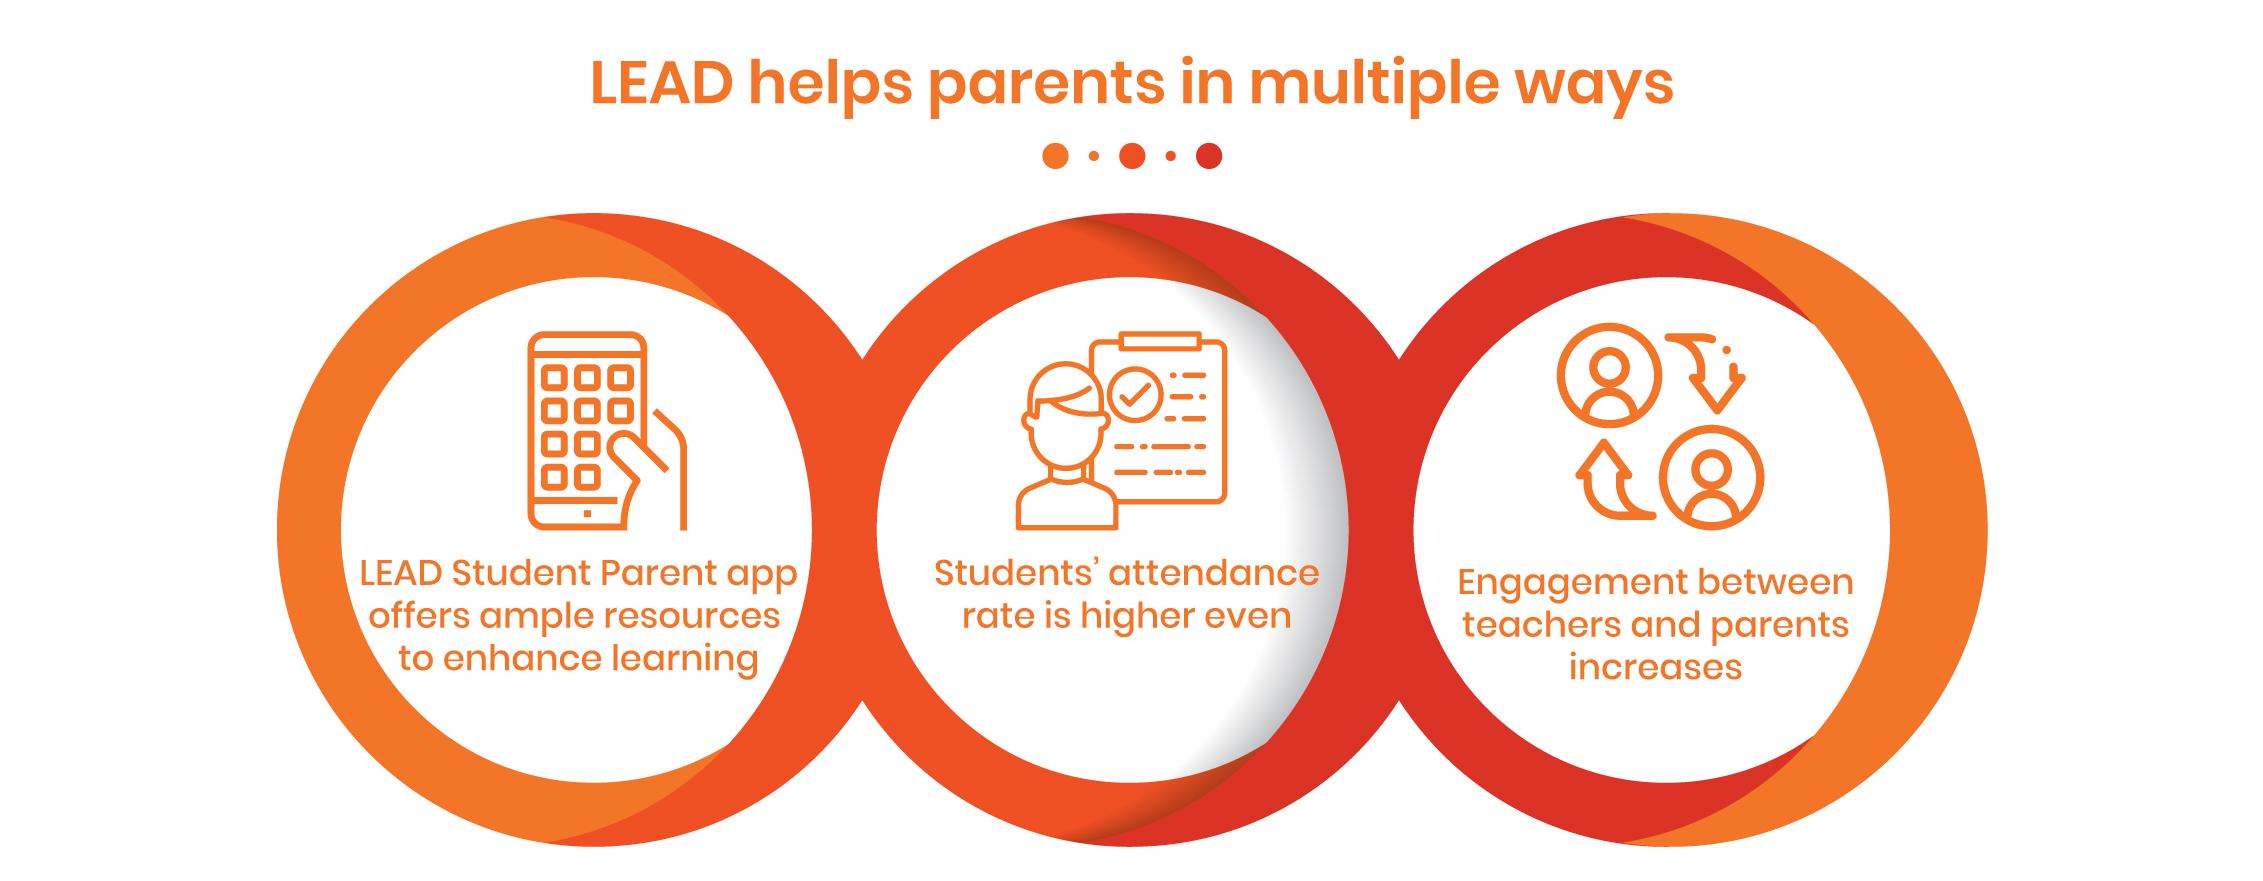 student parent app